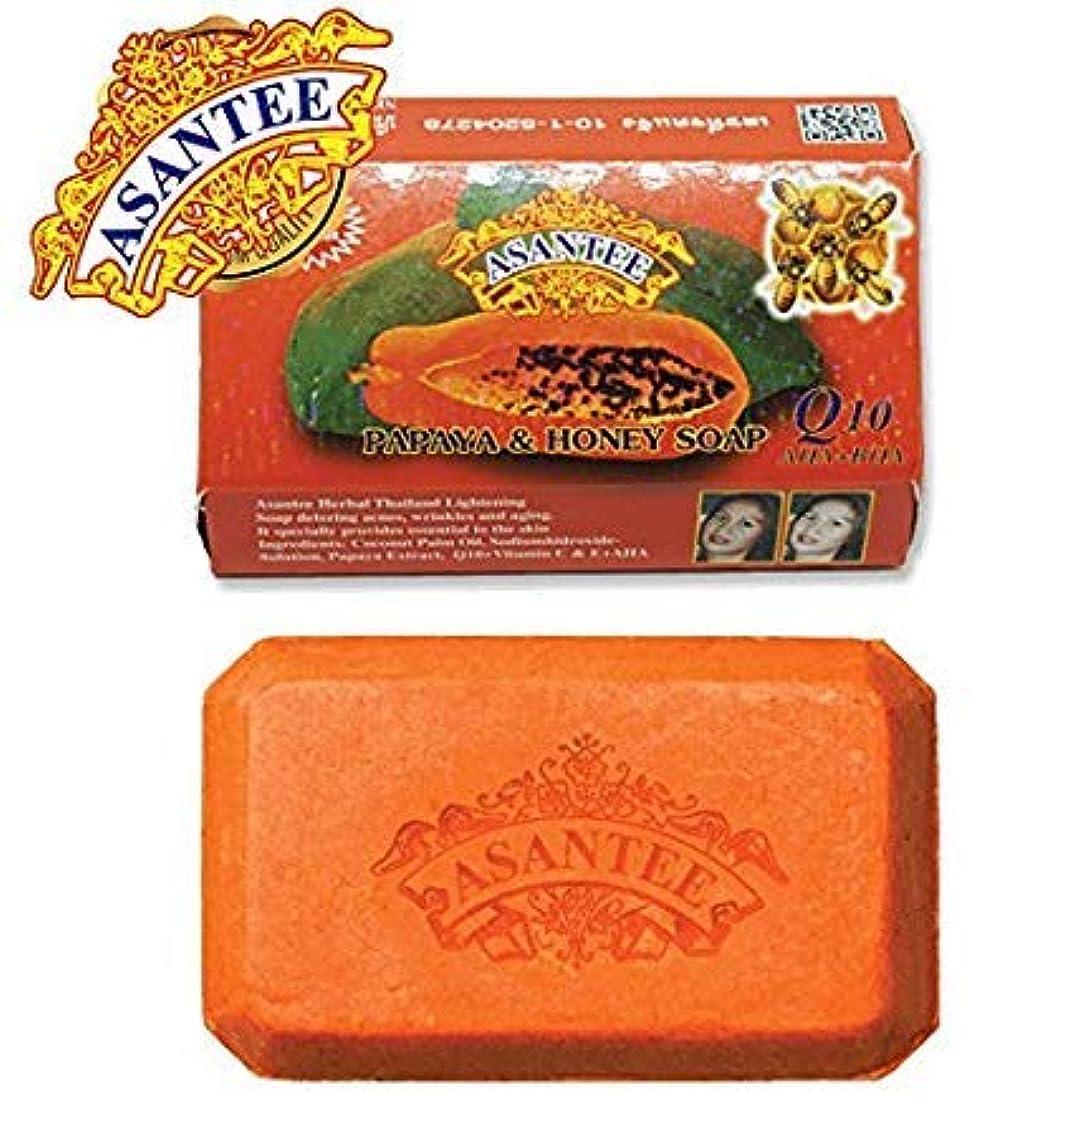 干渉するディスカウントベックスAsantee Thai Papaya Herbal Skin Whitening Soap 135g (1 pcs)